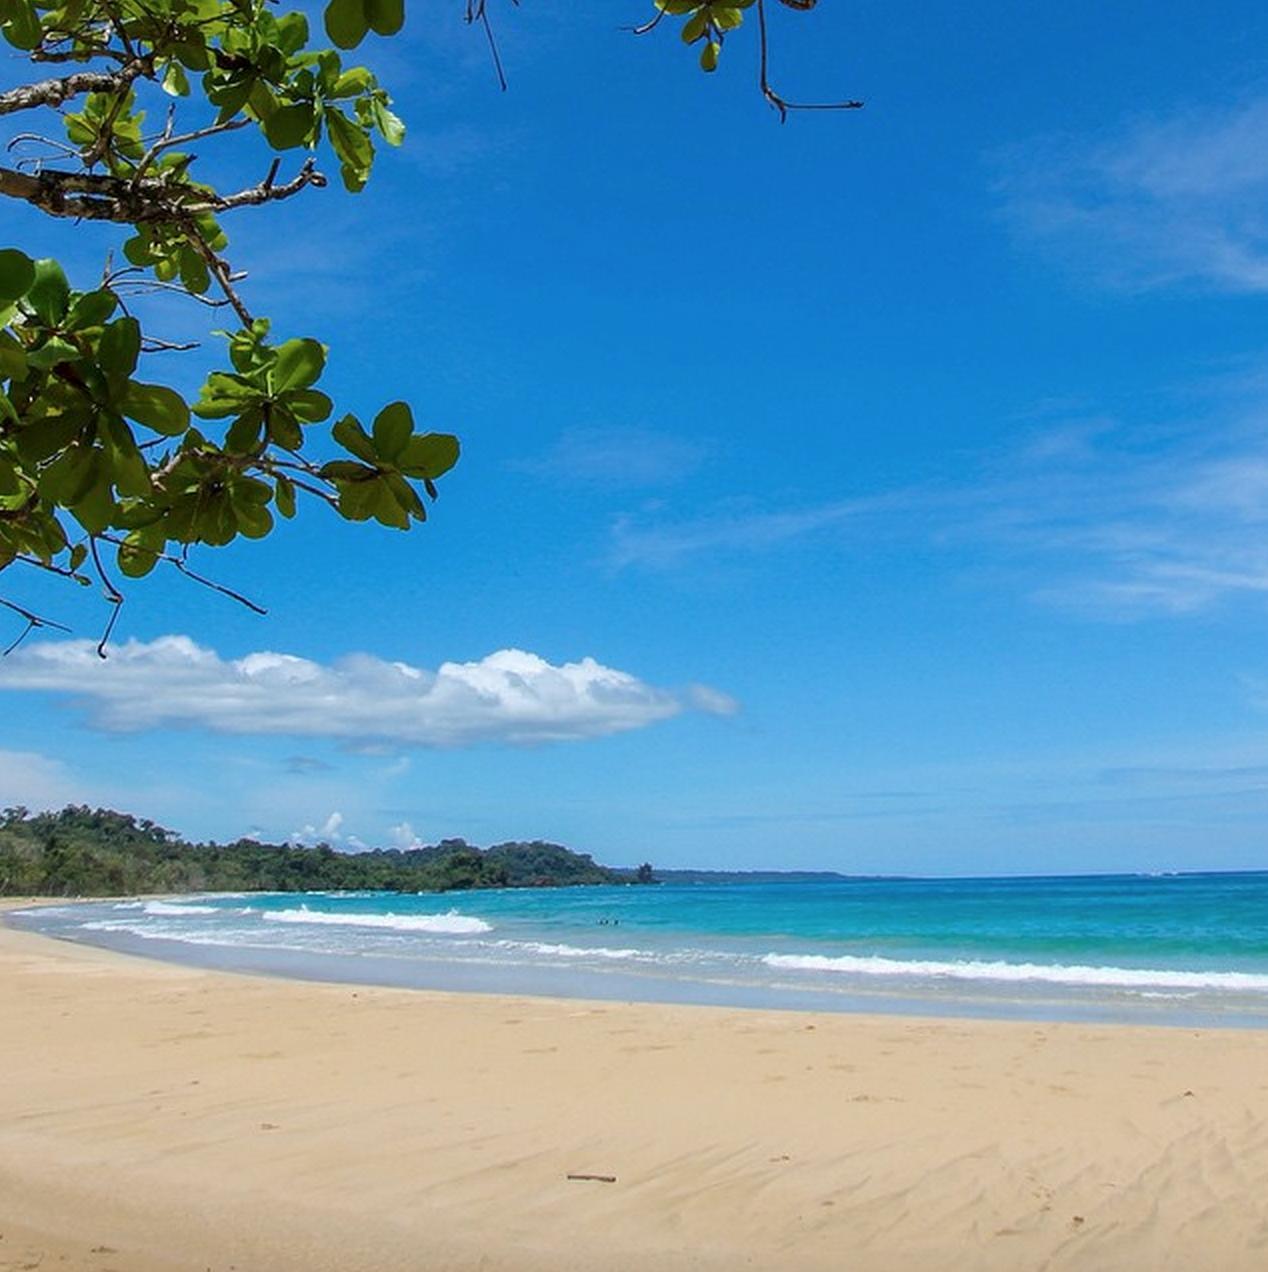 Red Frog Beach, Isla Bastimentos, em um dia de sol | foto: @redfrogbeachresort